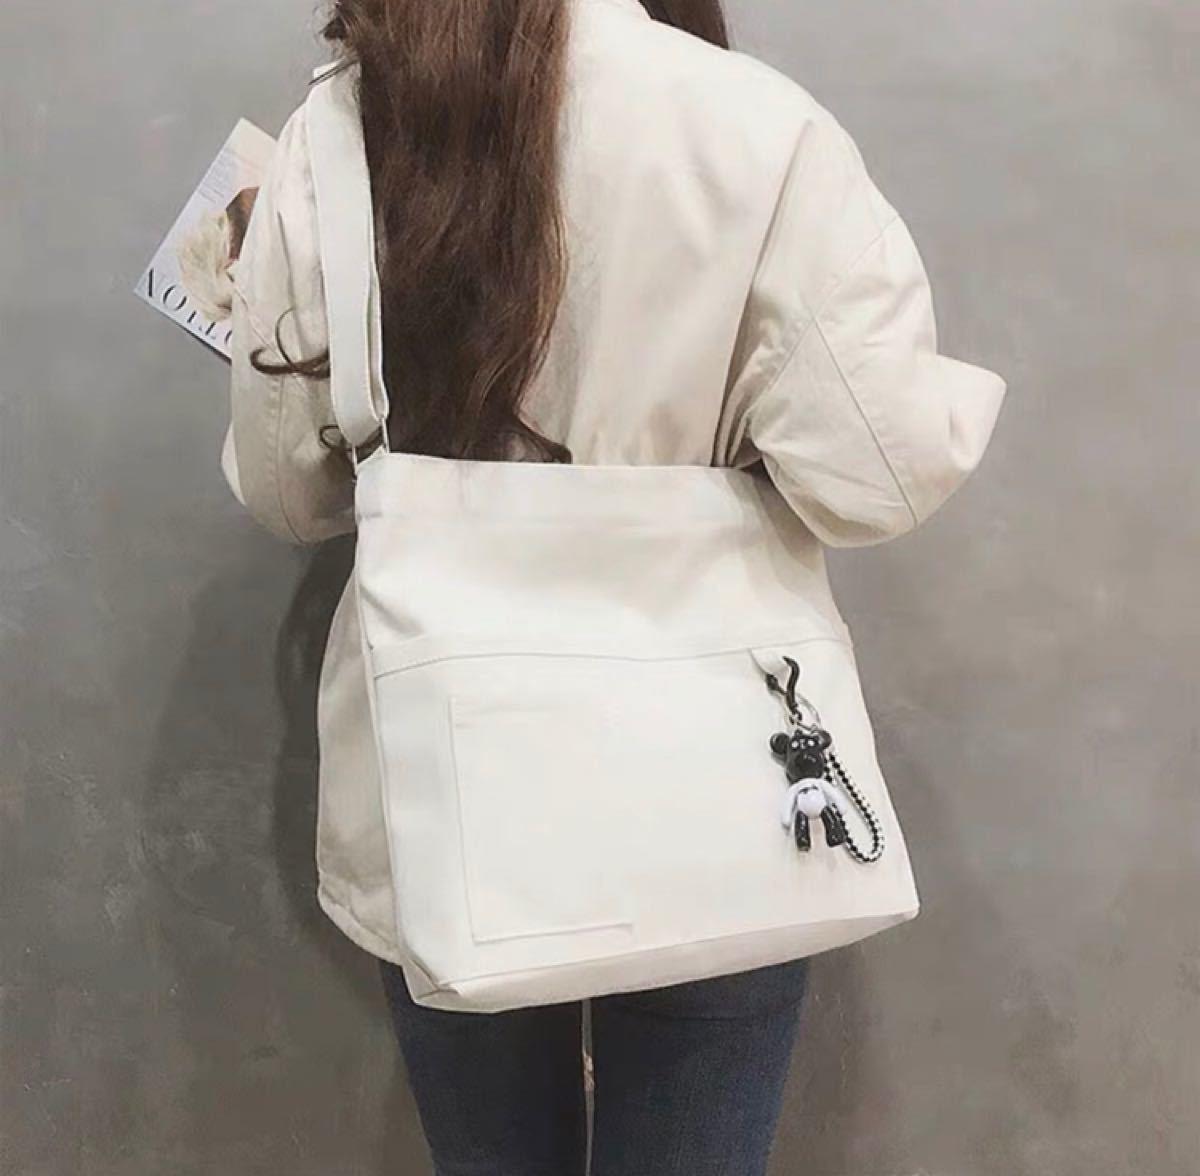 トートバッグ ショルダーバッグ エコバッグ キャンパスバッグ 帆布 ホワイト 男女兼用 韓国ファッション 新品未使用